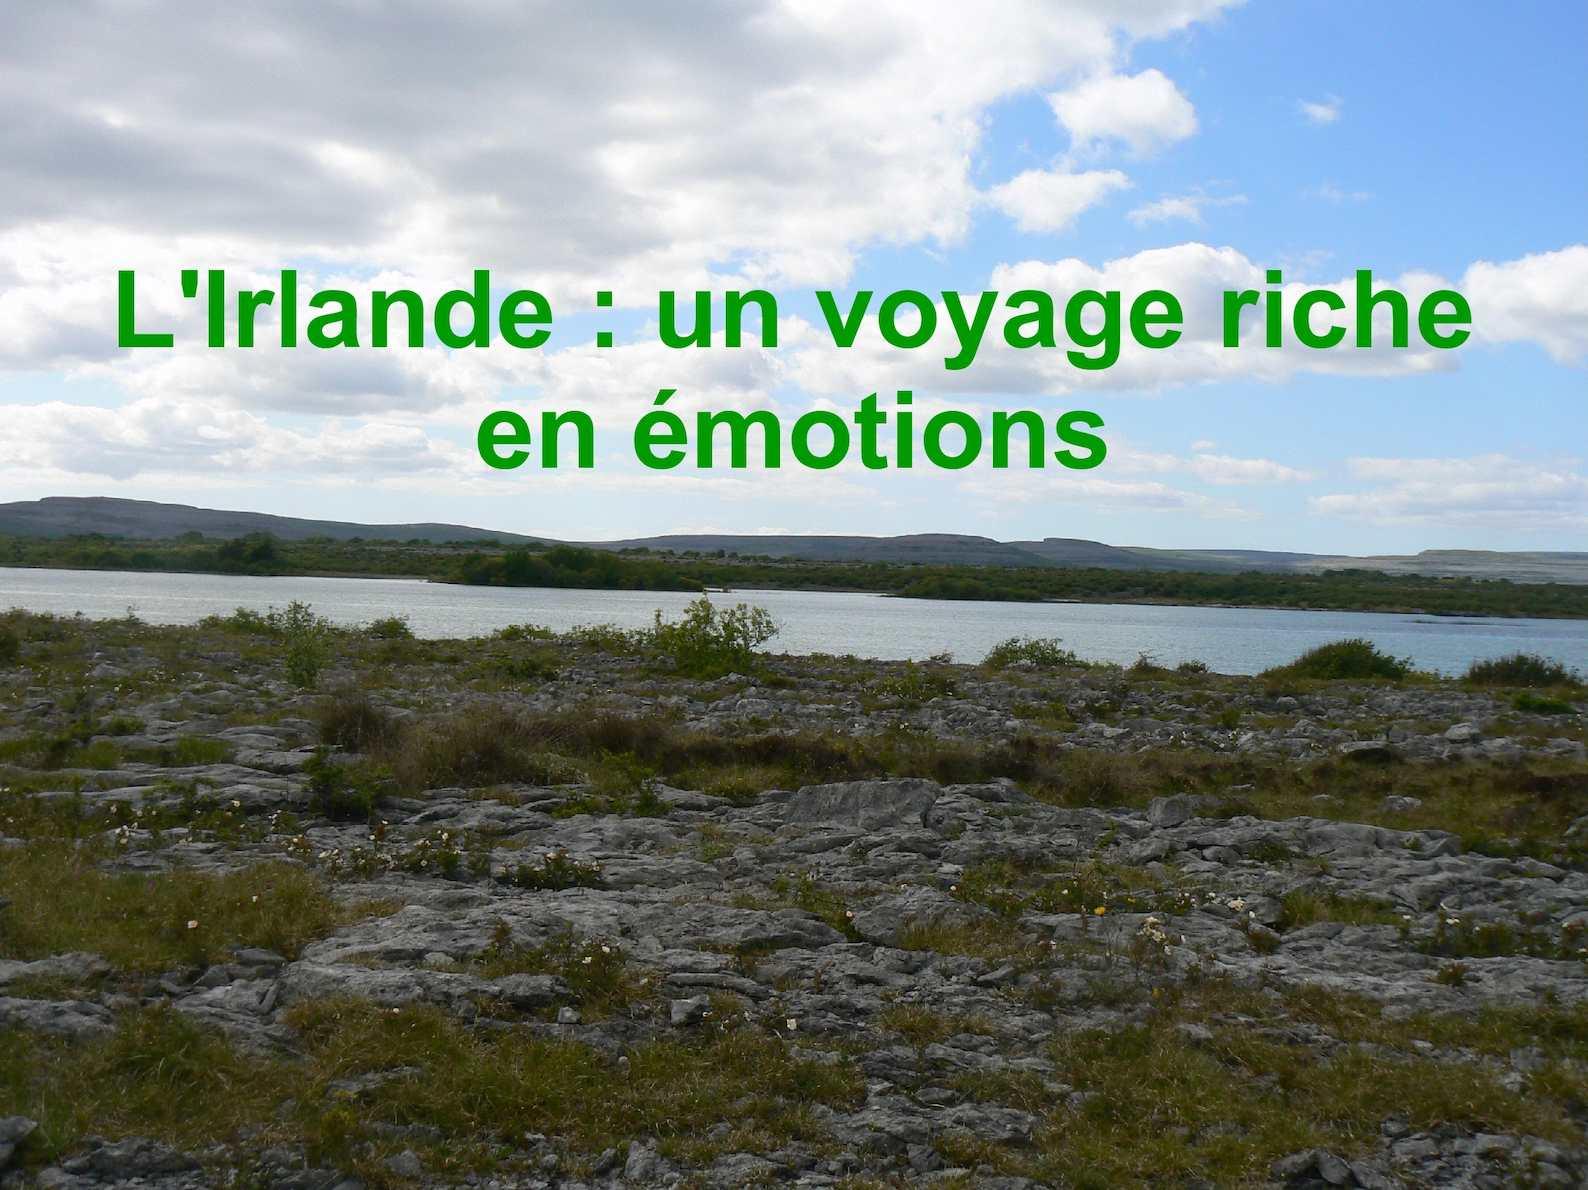 Irlande: un voyage riche en emotions